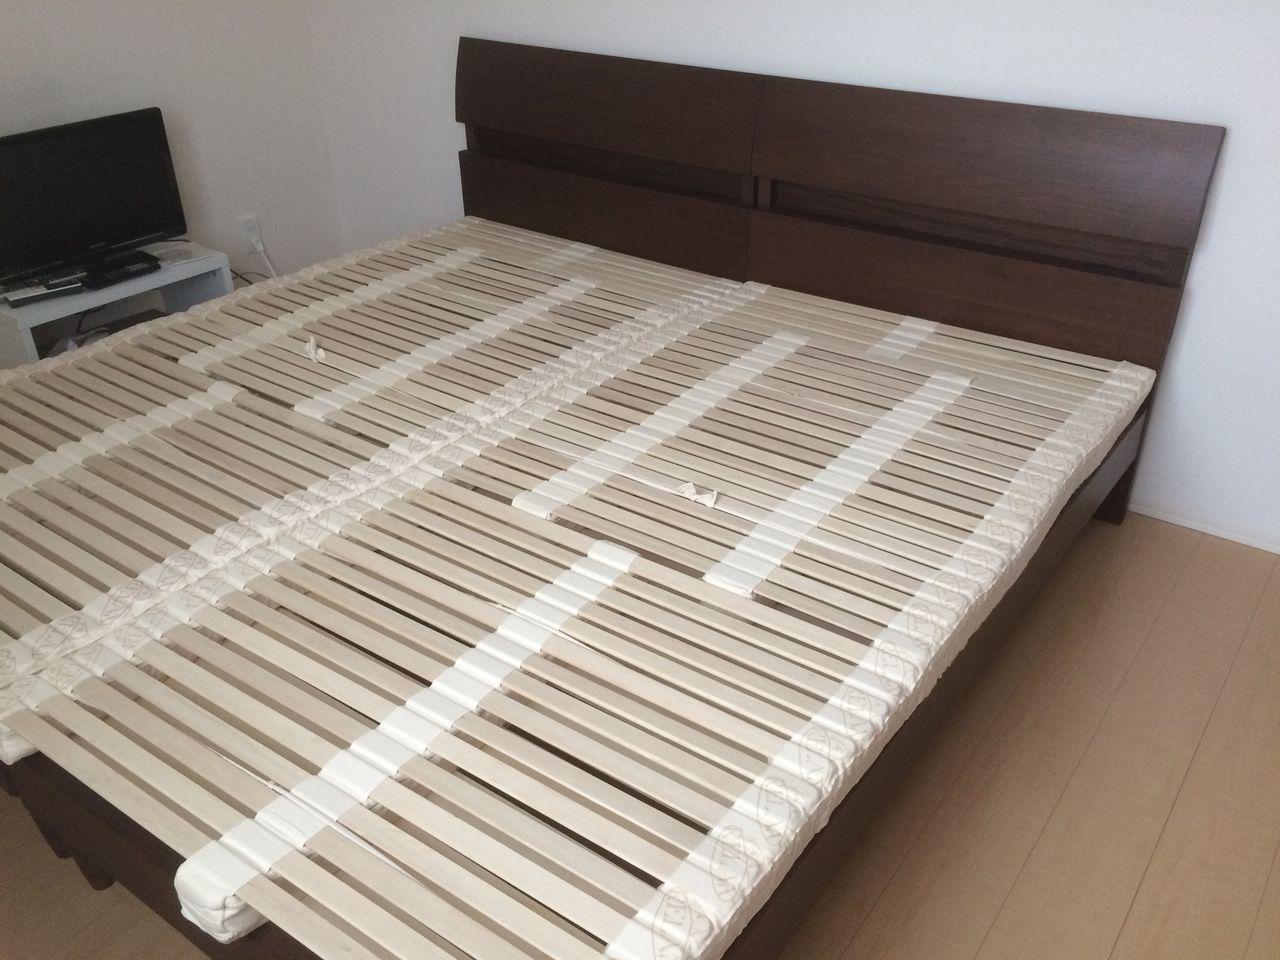 新婚の場合のベッドの選び方(納品事例より) : natural sleep 自然な